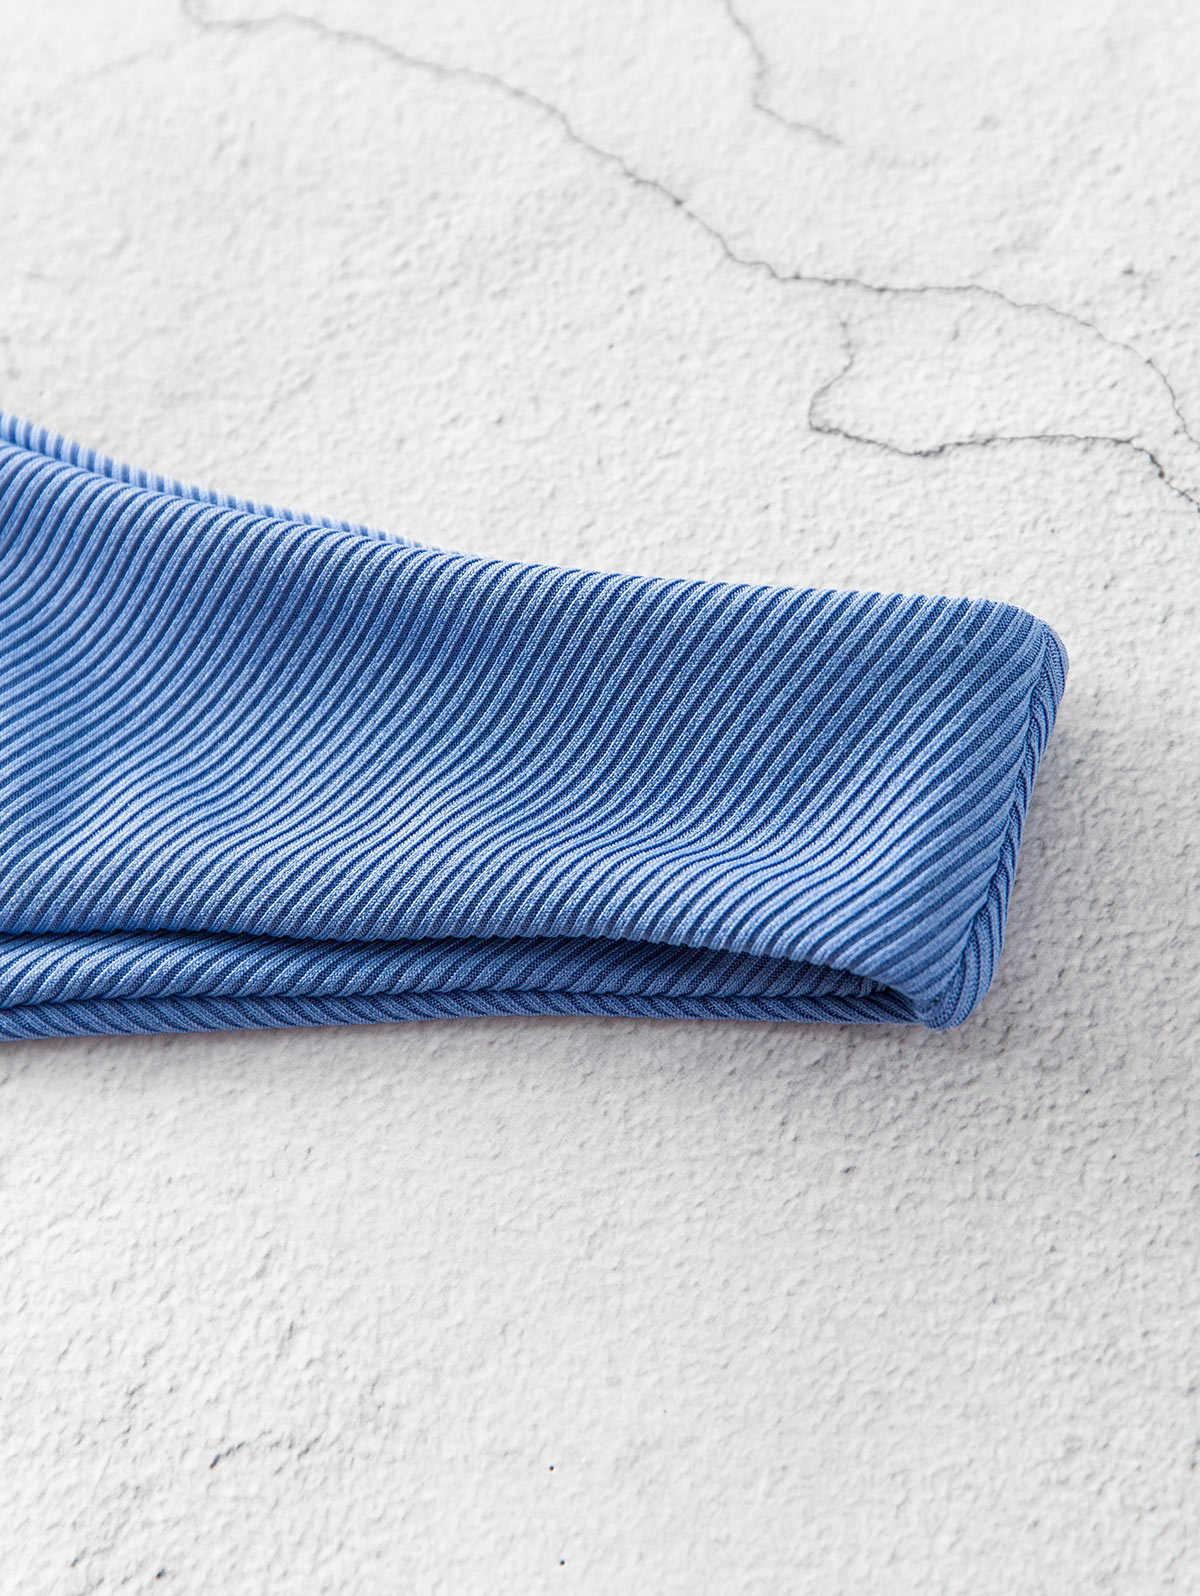 ZAFUL costume da bagno Bikini a fascia con cravatta a costine ritagli Sexy senza spalline increspato Bikini tagliato elastico taglio alto set Bikini da donna